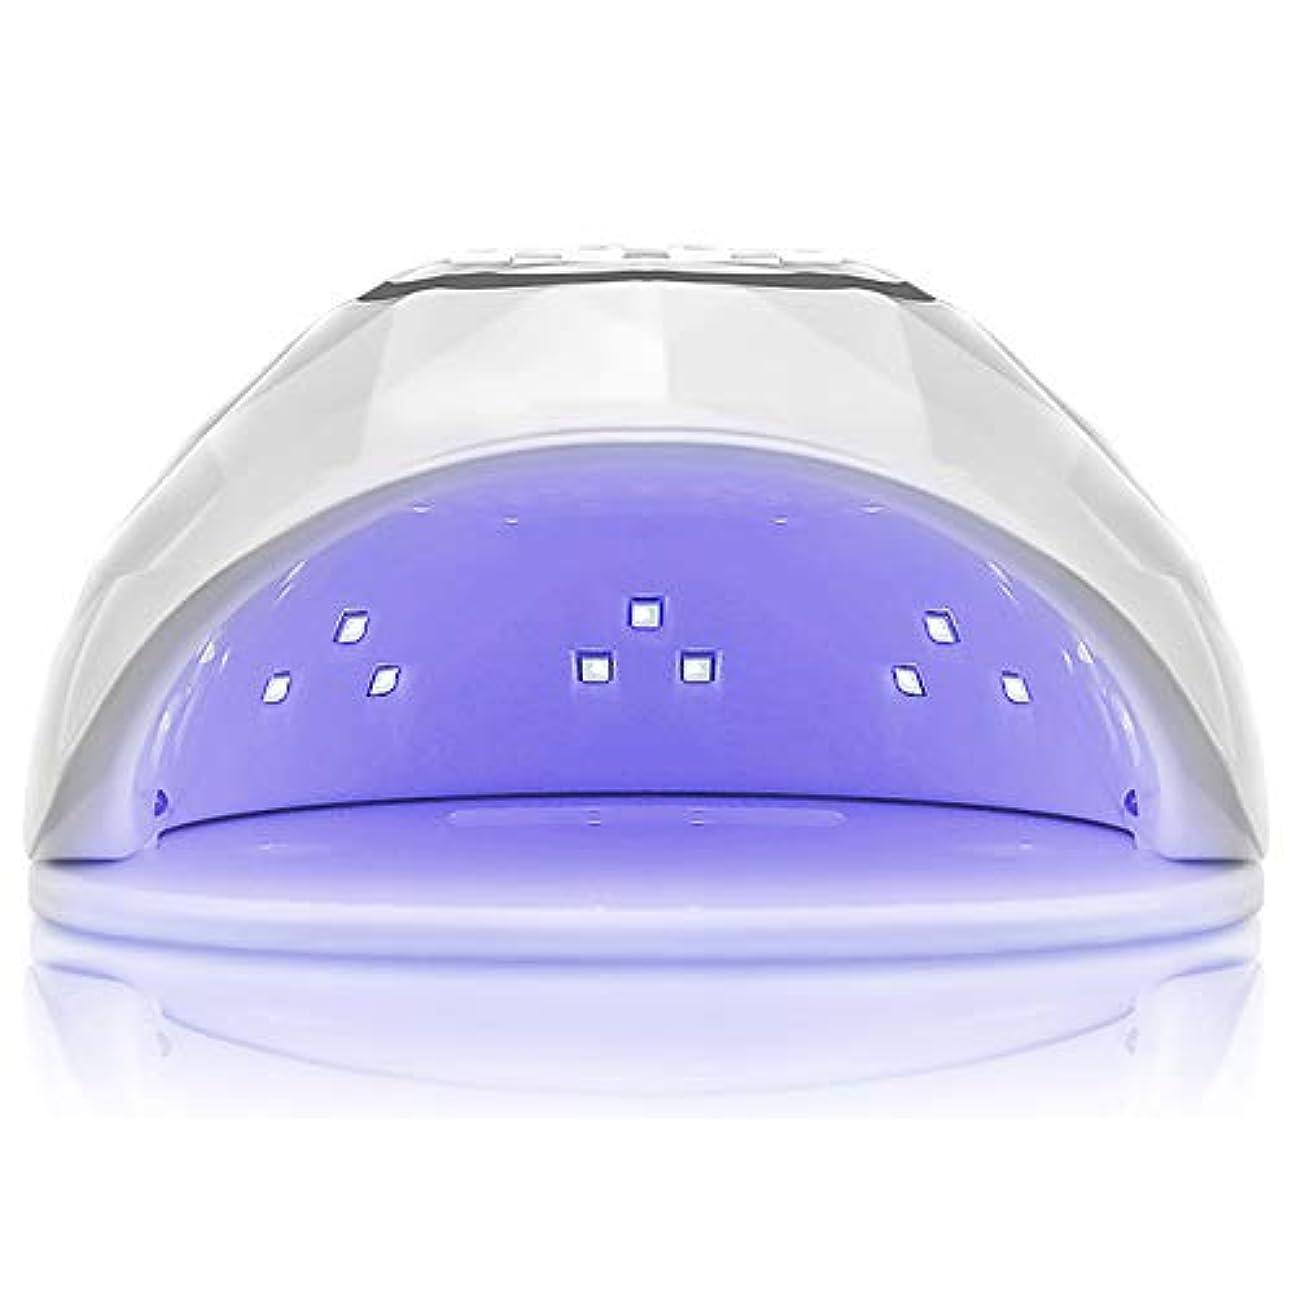 シャンプーマリン歌詞72W UV LEDネイルドライヤー速硬化ランプ用ジェルネイルポリッシュおよびトゥーンネイルキュアリングおよび自動センサー,White